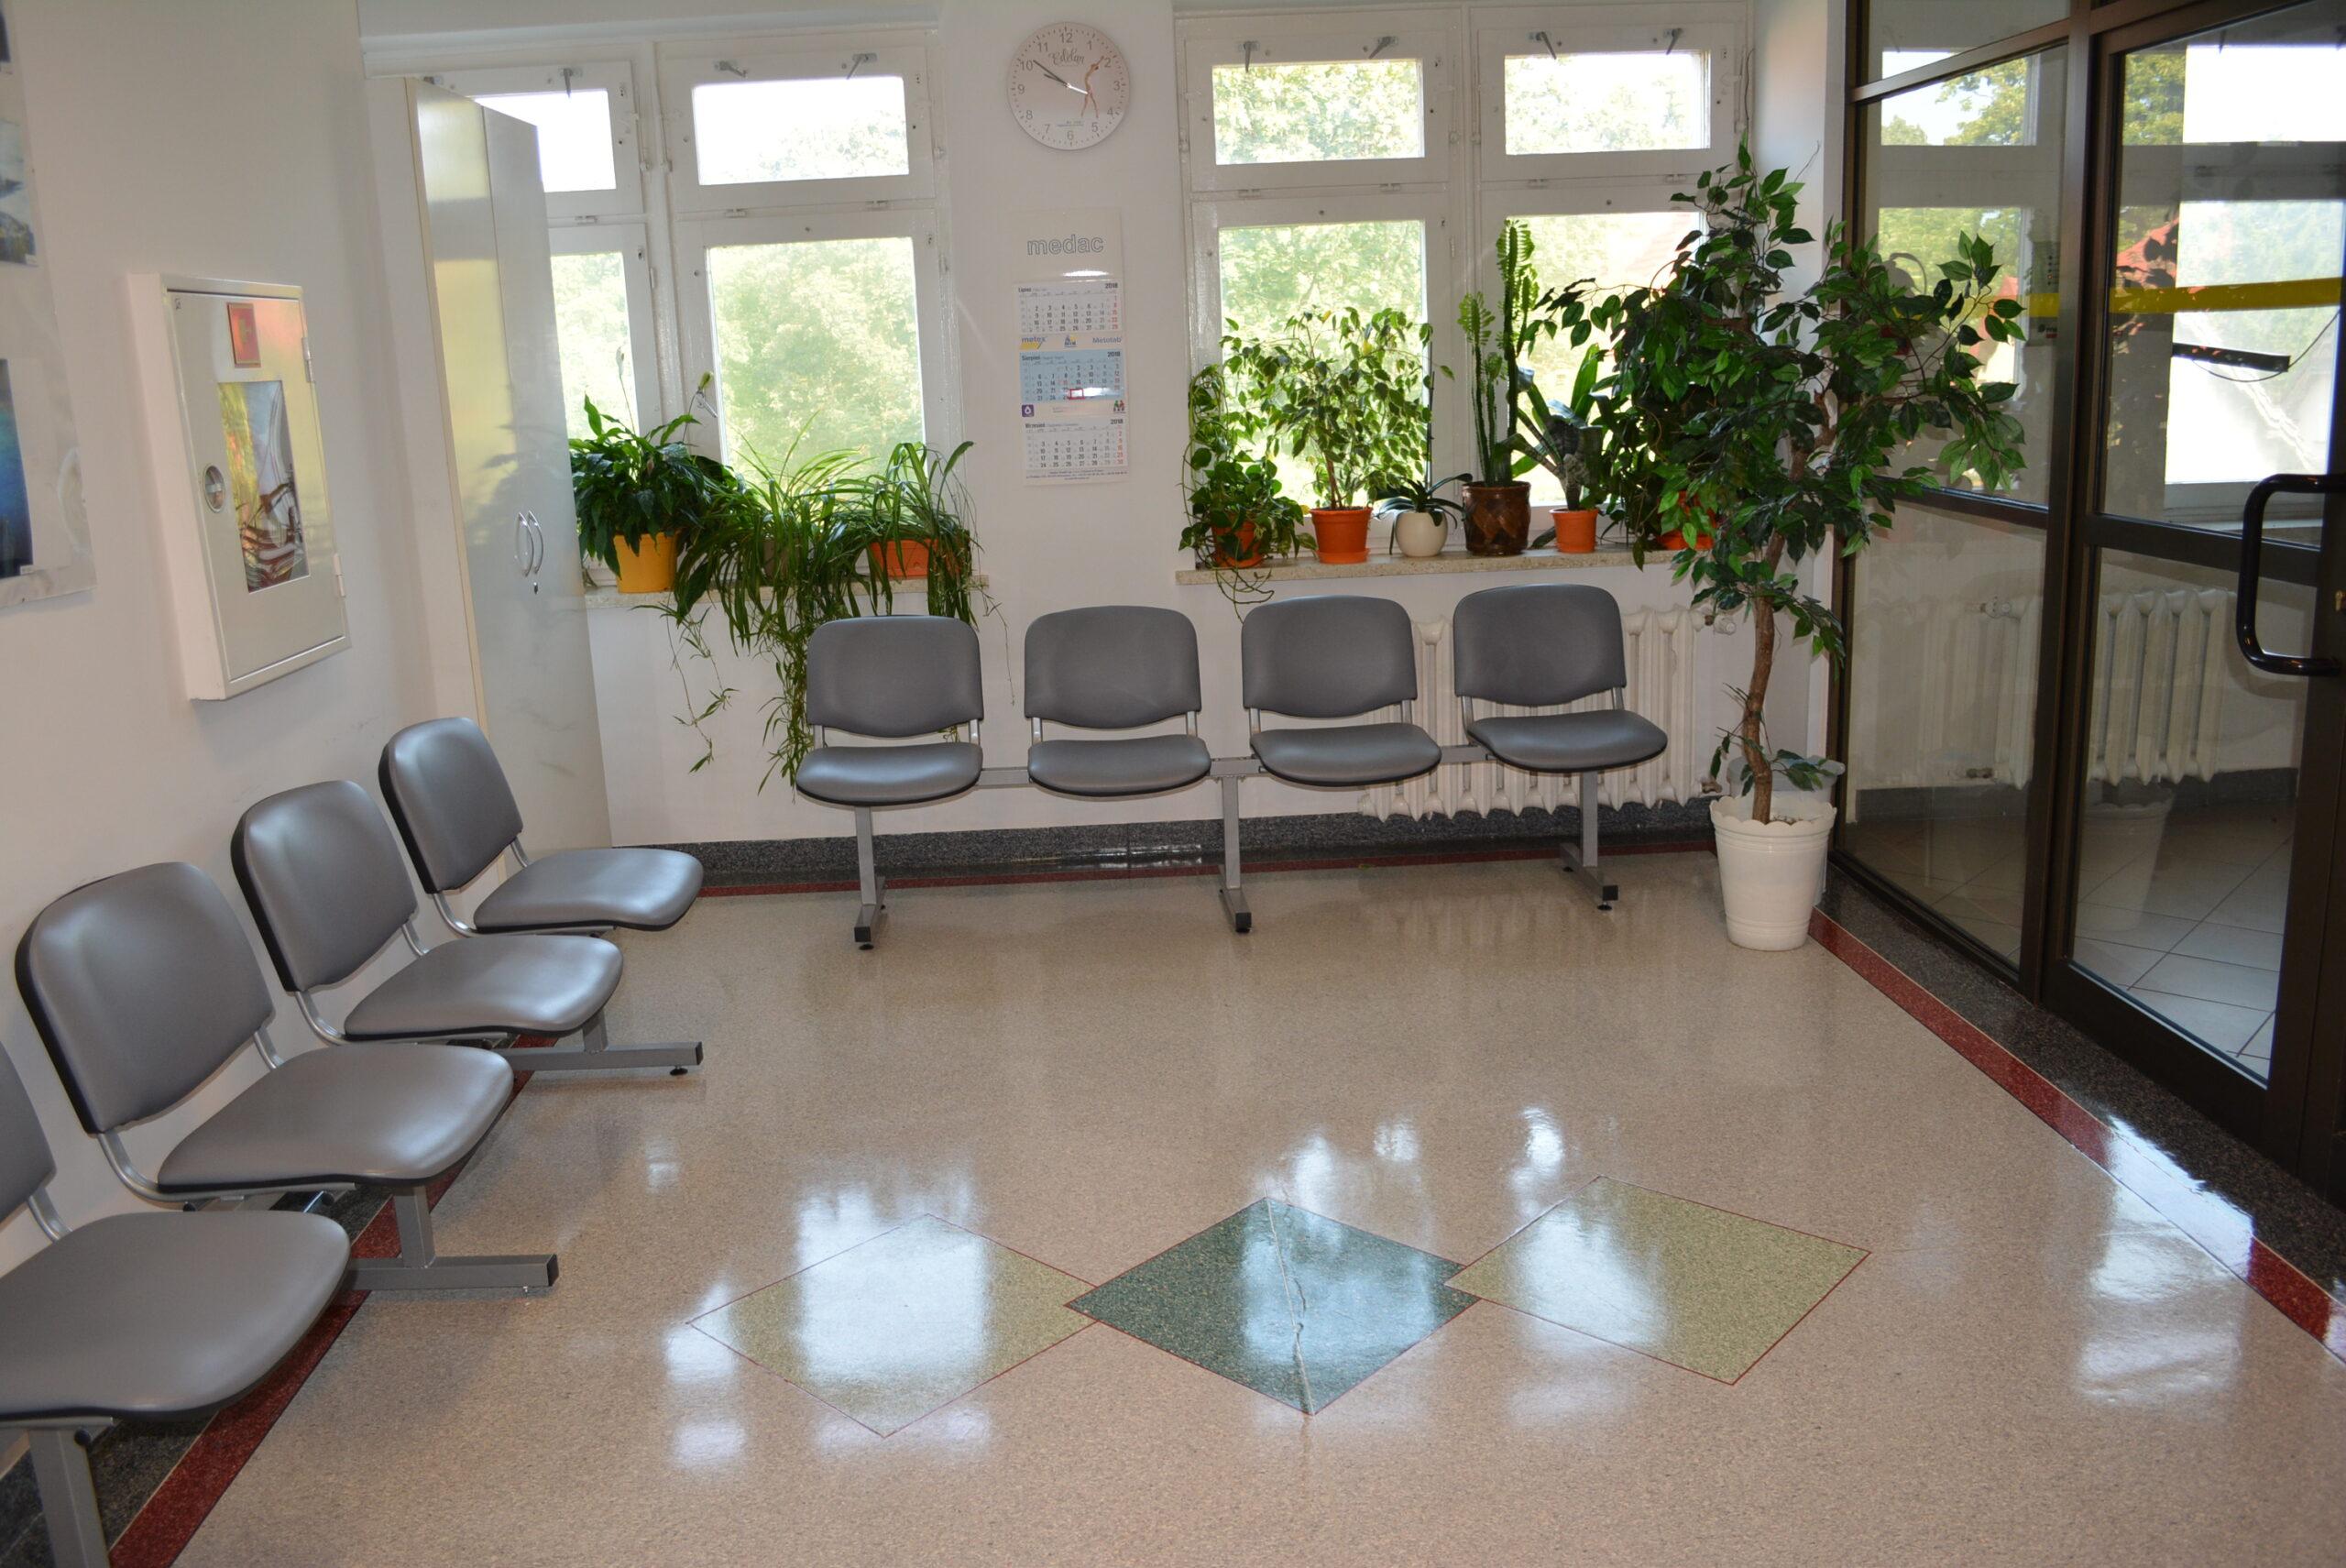 Dermatologia w Ustce już otwarta. Oddział słupskiego szpitala był zamknięty z powodu pandemii koronawirusa